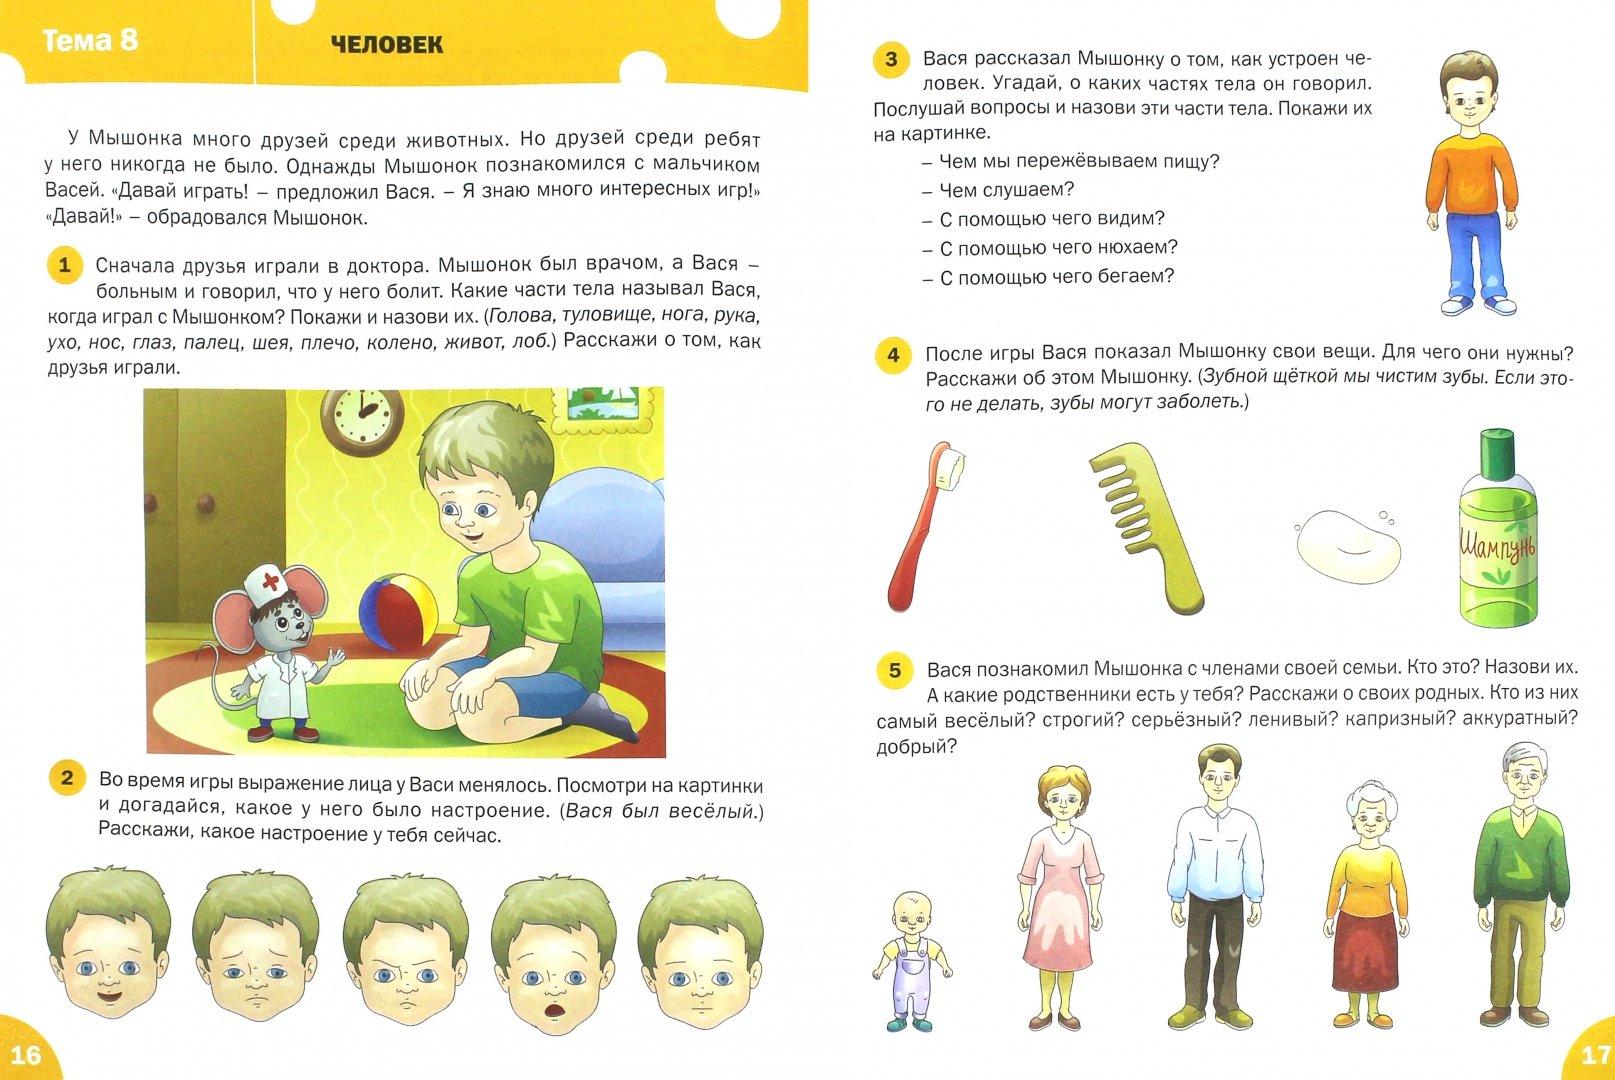 Иллюстрация 1 из 41 для Развитие речи. Развивающие задания. Тетрадь для занятий с детьми 3-4 лет - Елена Ульева | Лабиринт - книги. Источник: Лабиринт